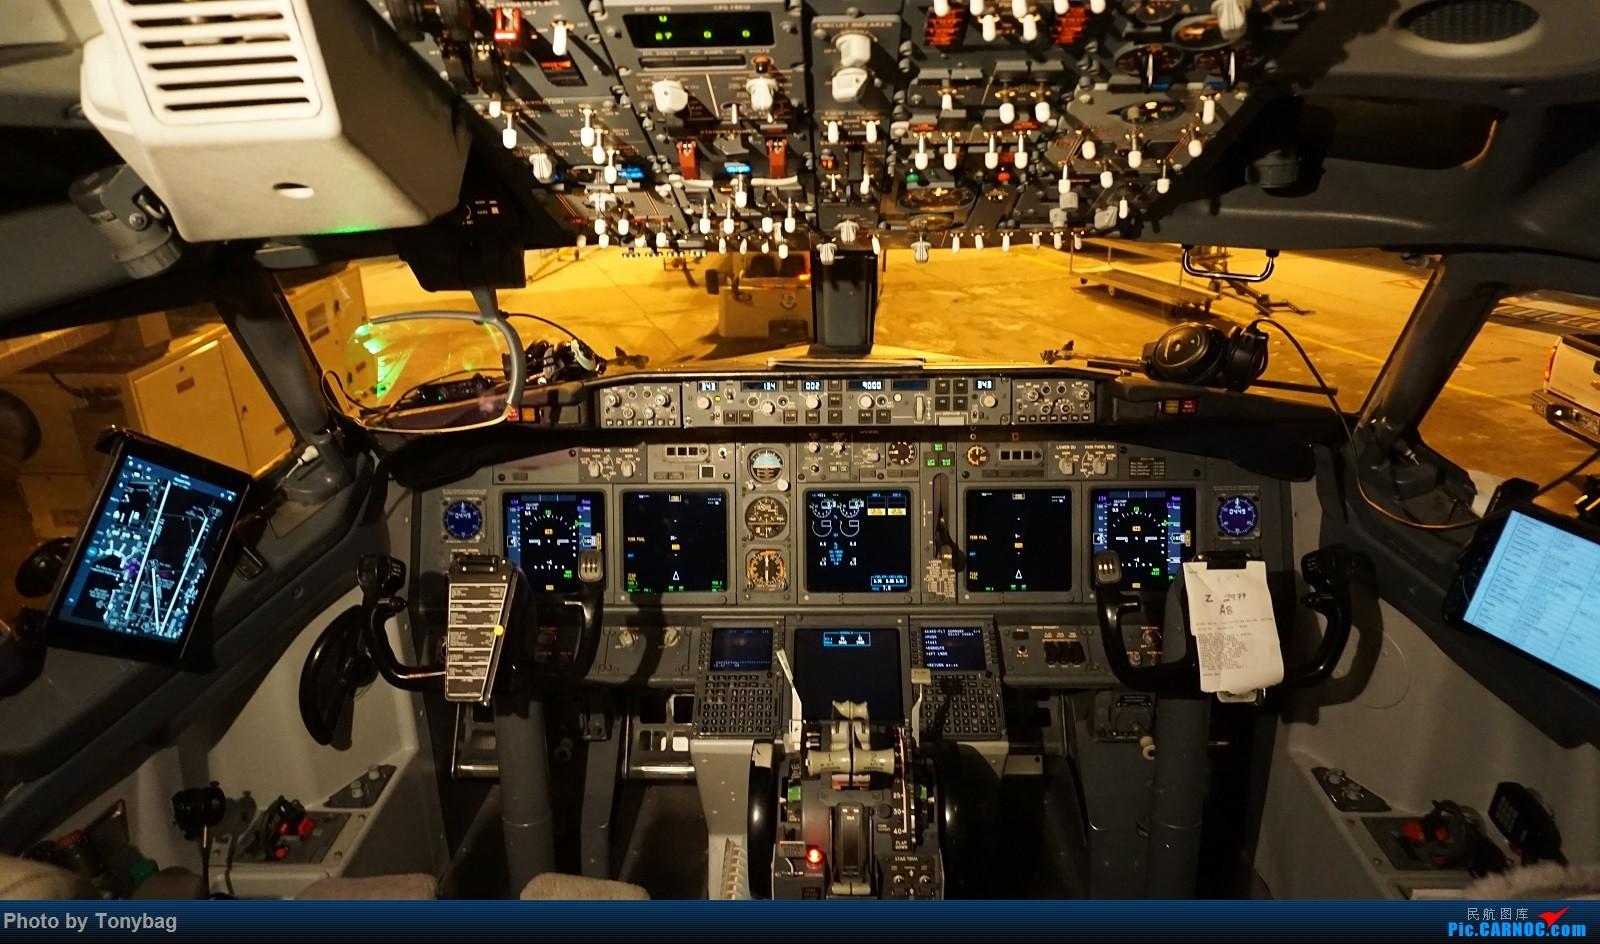 >>[原创]阿拉斯加航空波音737-700驾驶舱